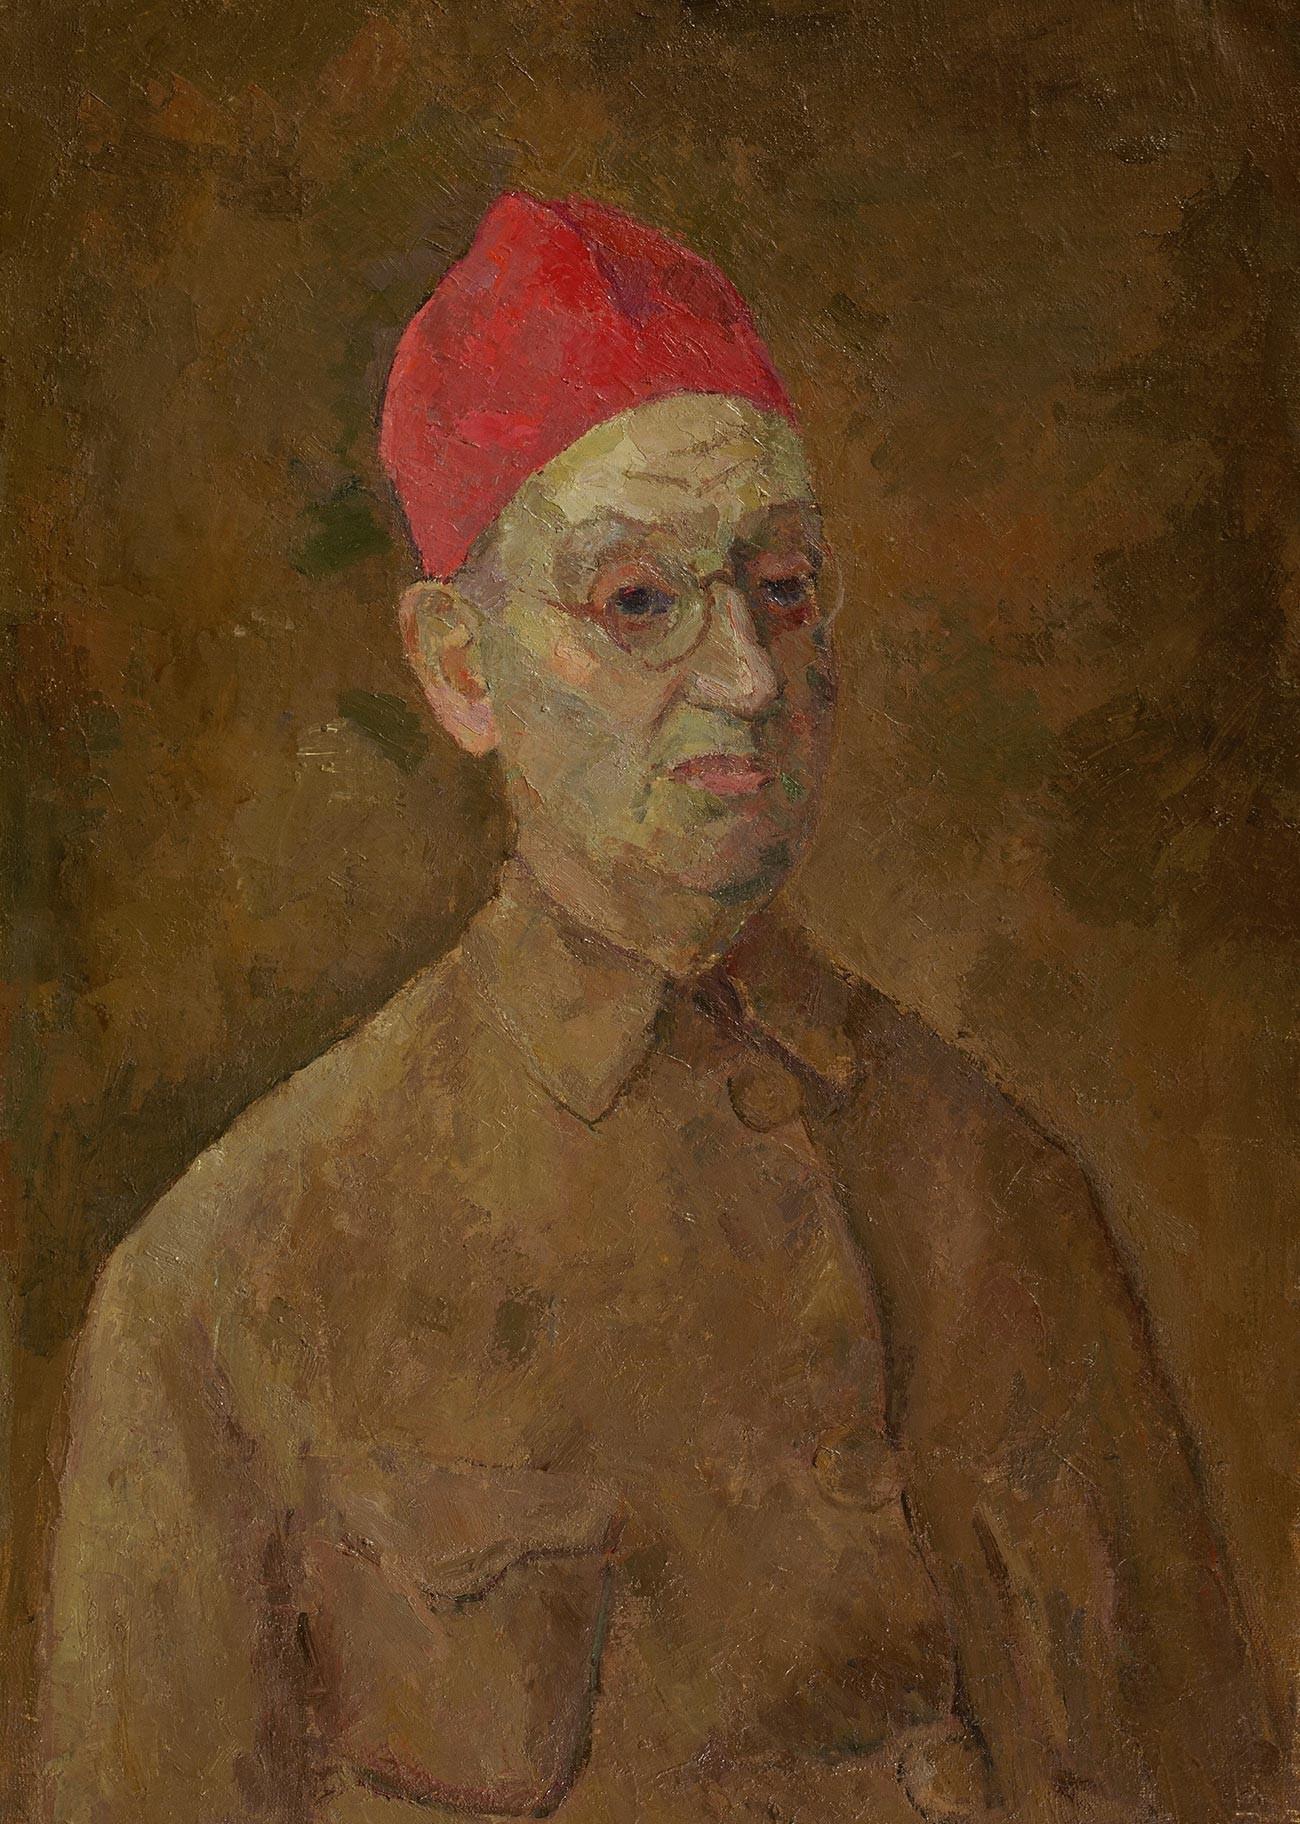 ロベルト・ファリク、赤いトルコ帽をかぶった自画像、1957年